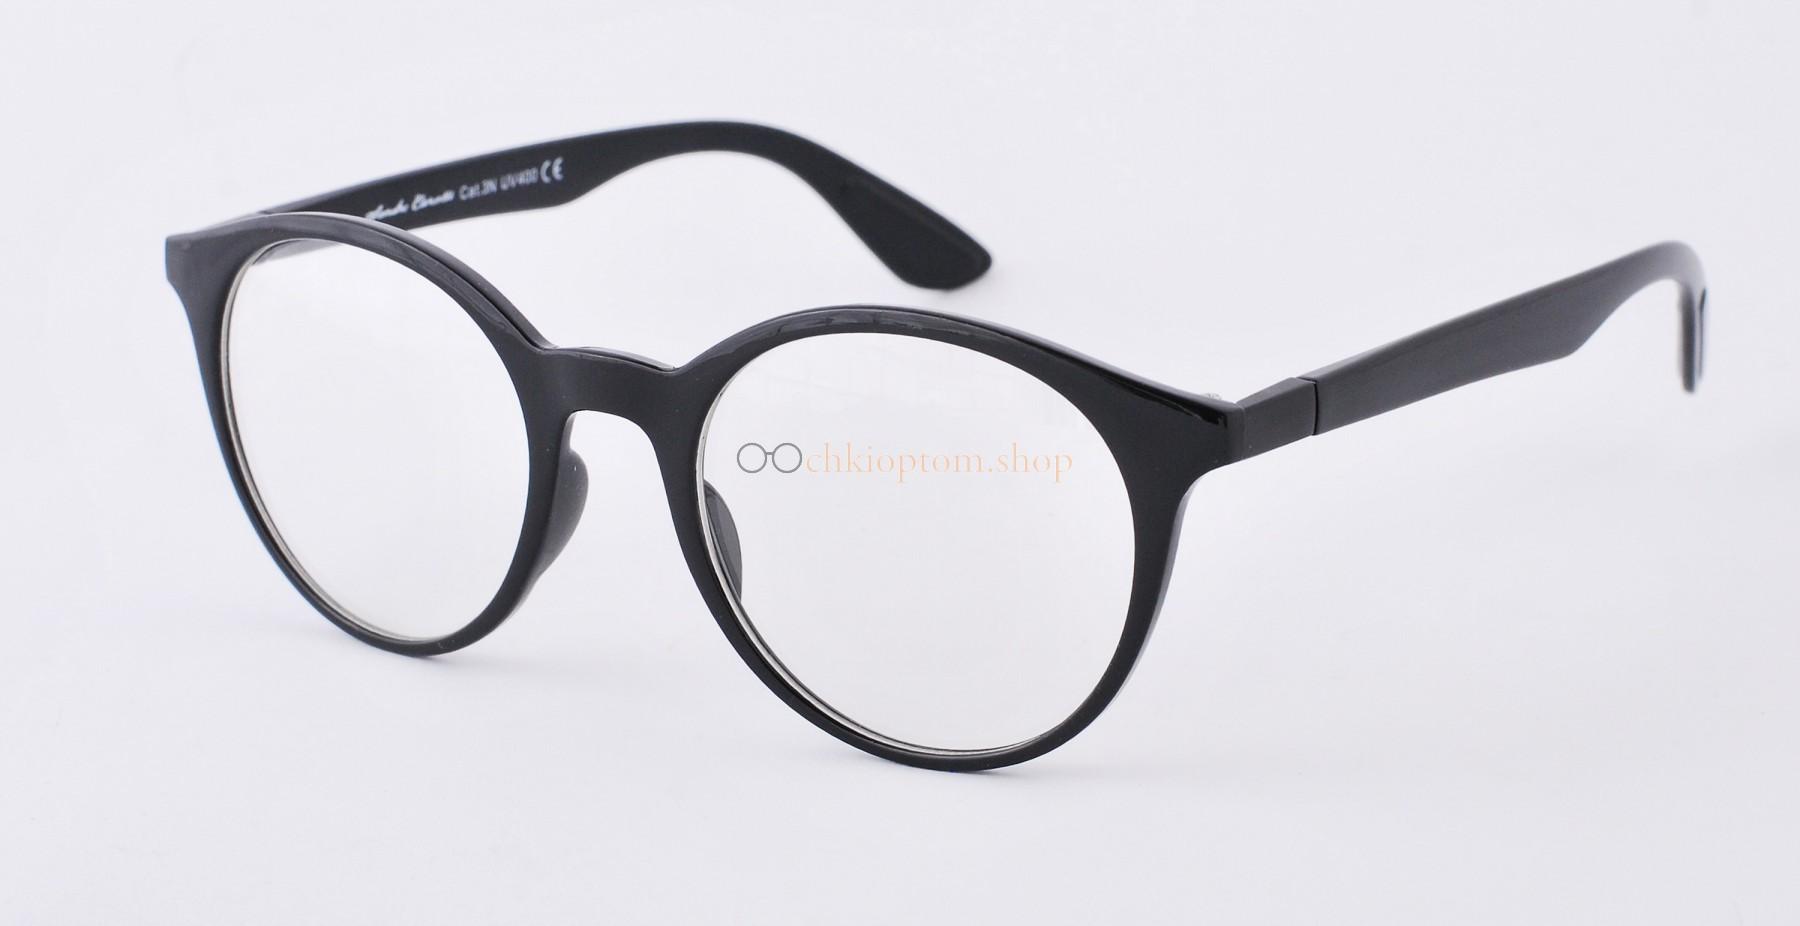 Смотреть фото Женские Oчки Brand frame 6930